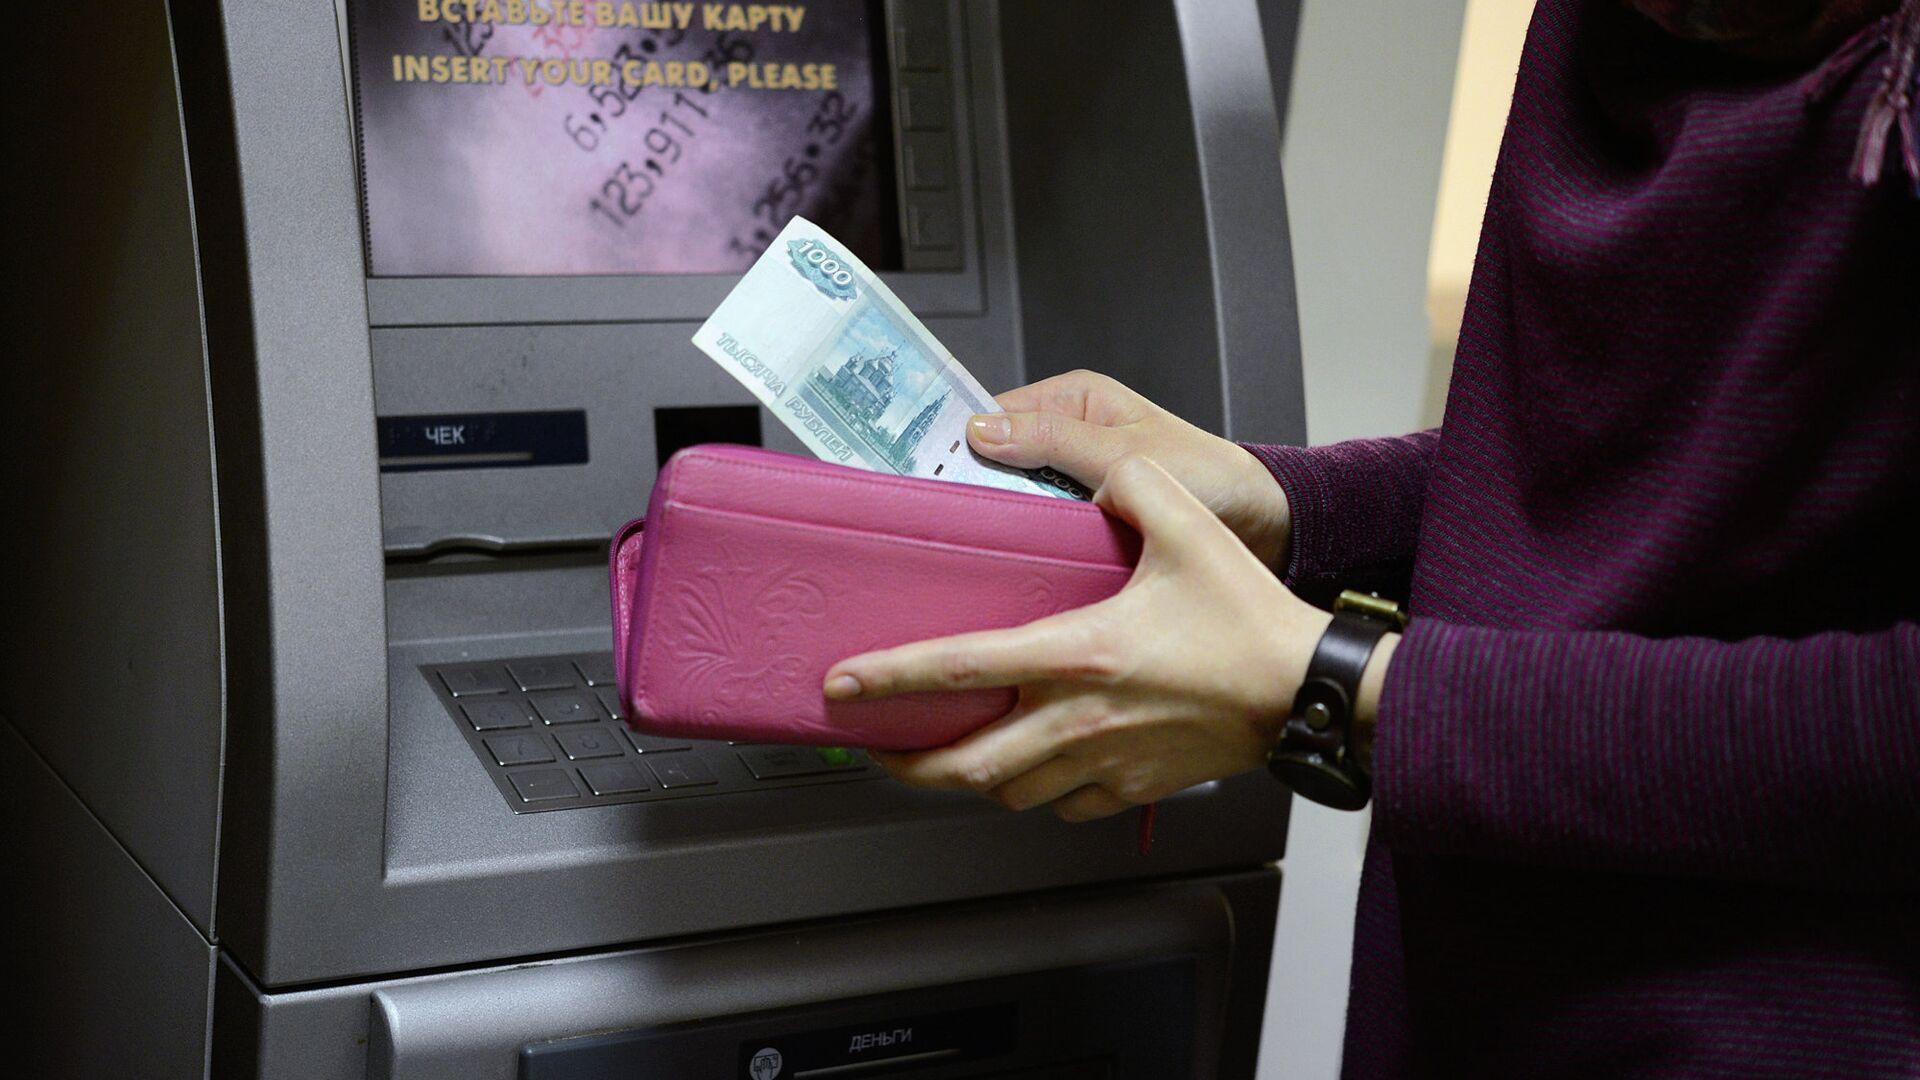 Снятие денег с банковской карты - РИА Новости, 1920, 03.02.2021